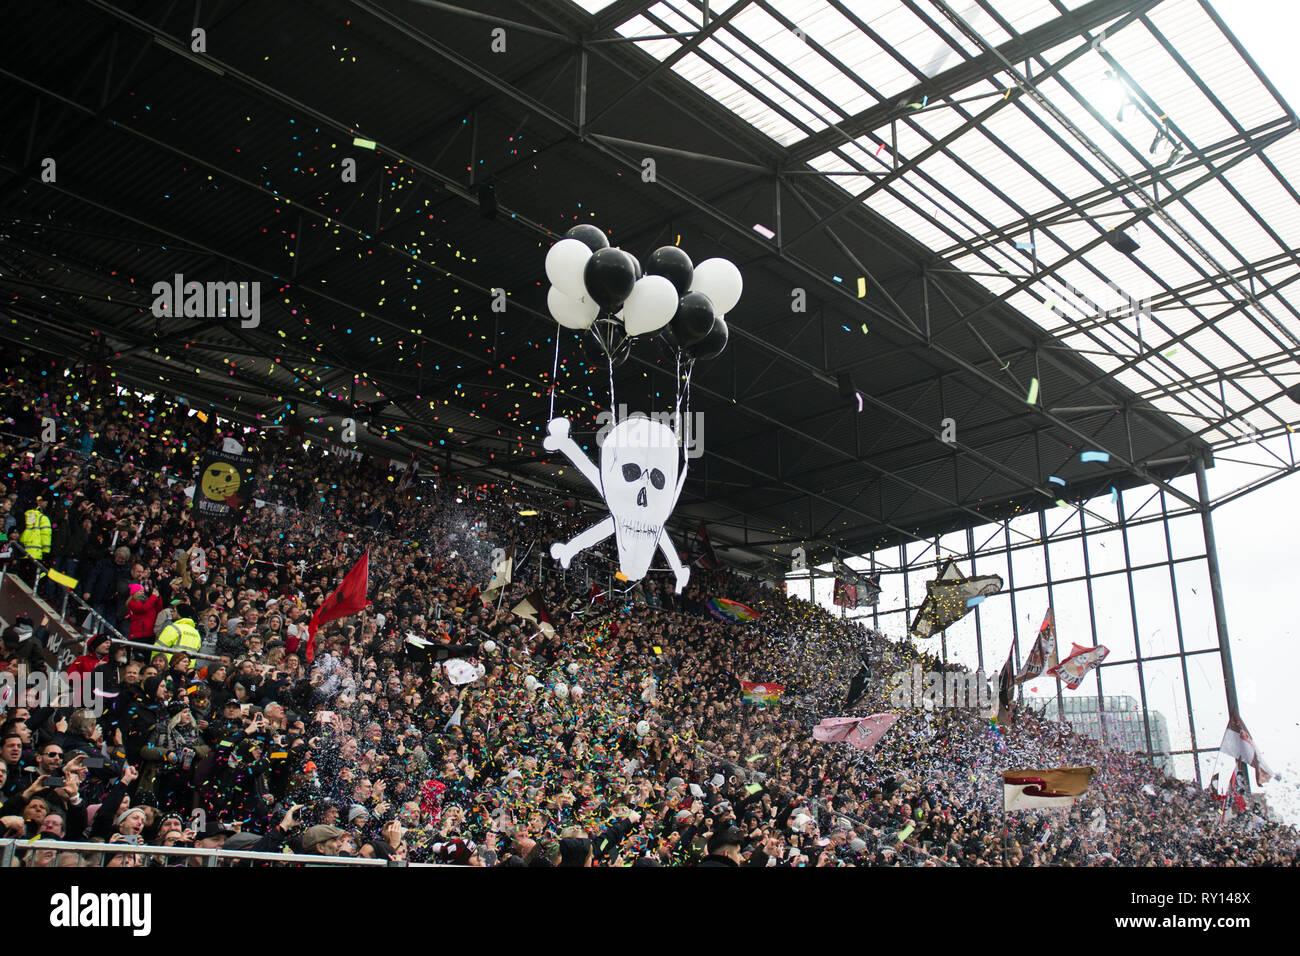 a409f4836ca Hamburg Fc St Pauli Fans Stock Photos   Hamburg Fc St Pauli Fans ...